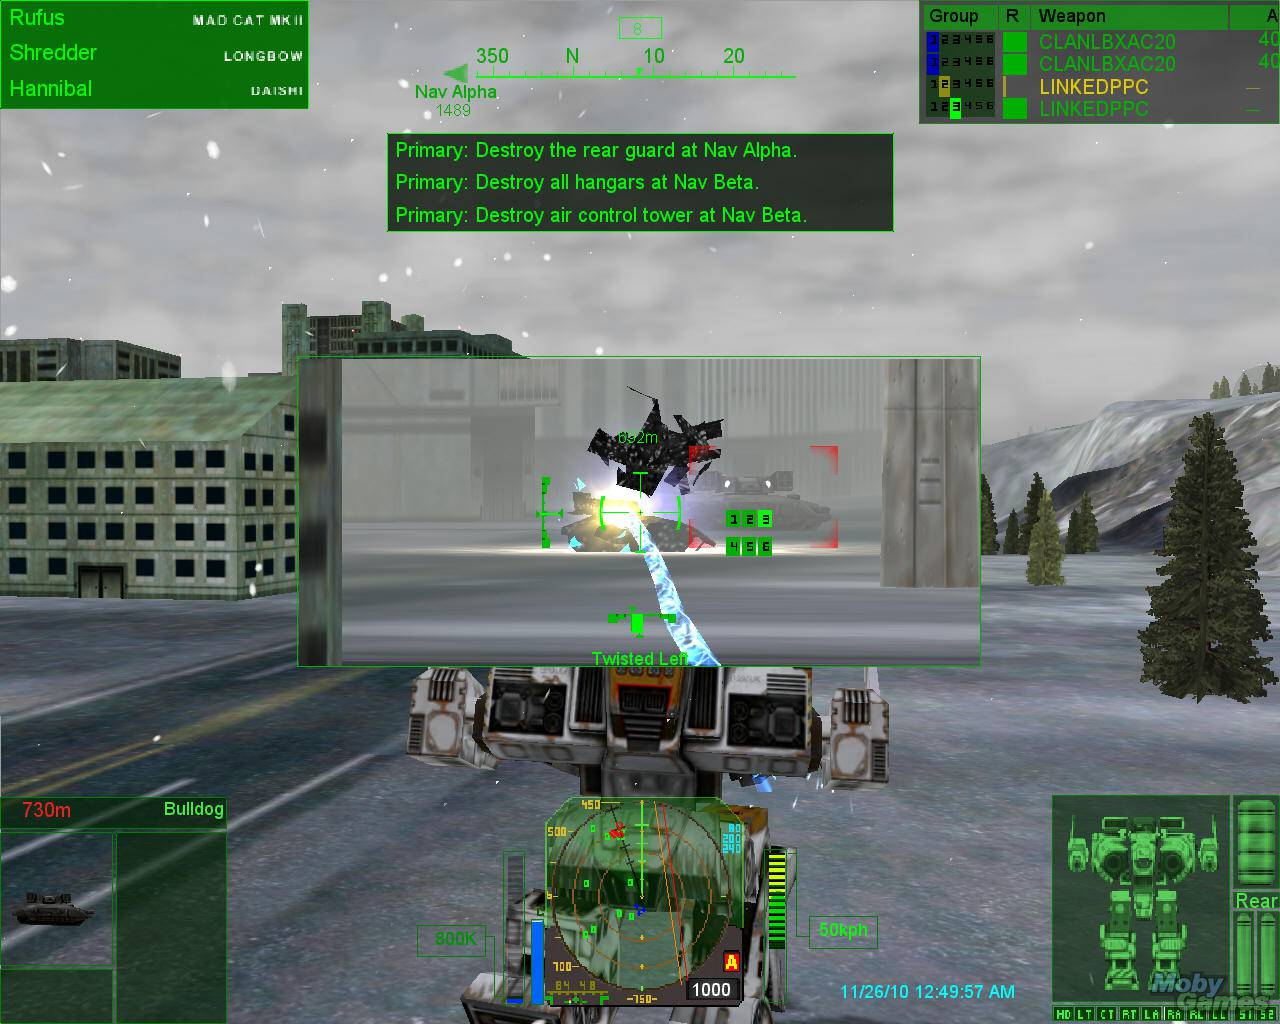 mechwarrior 4 quadrilogy